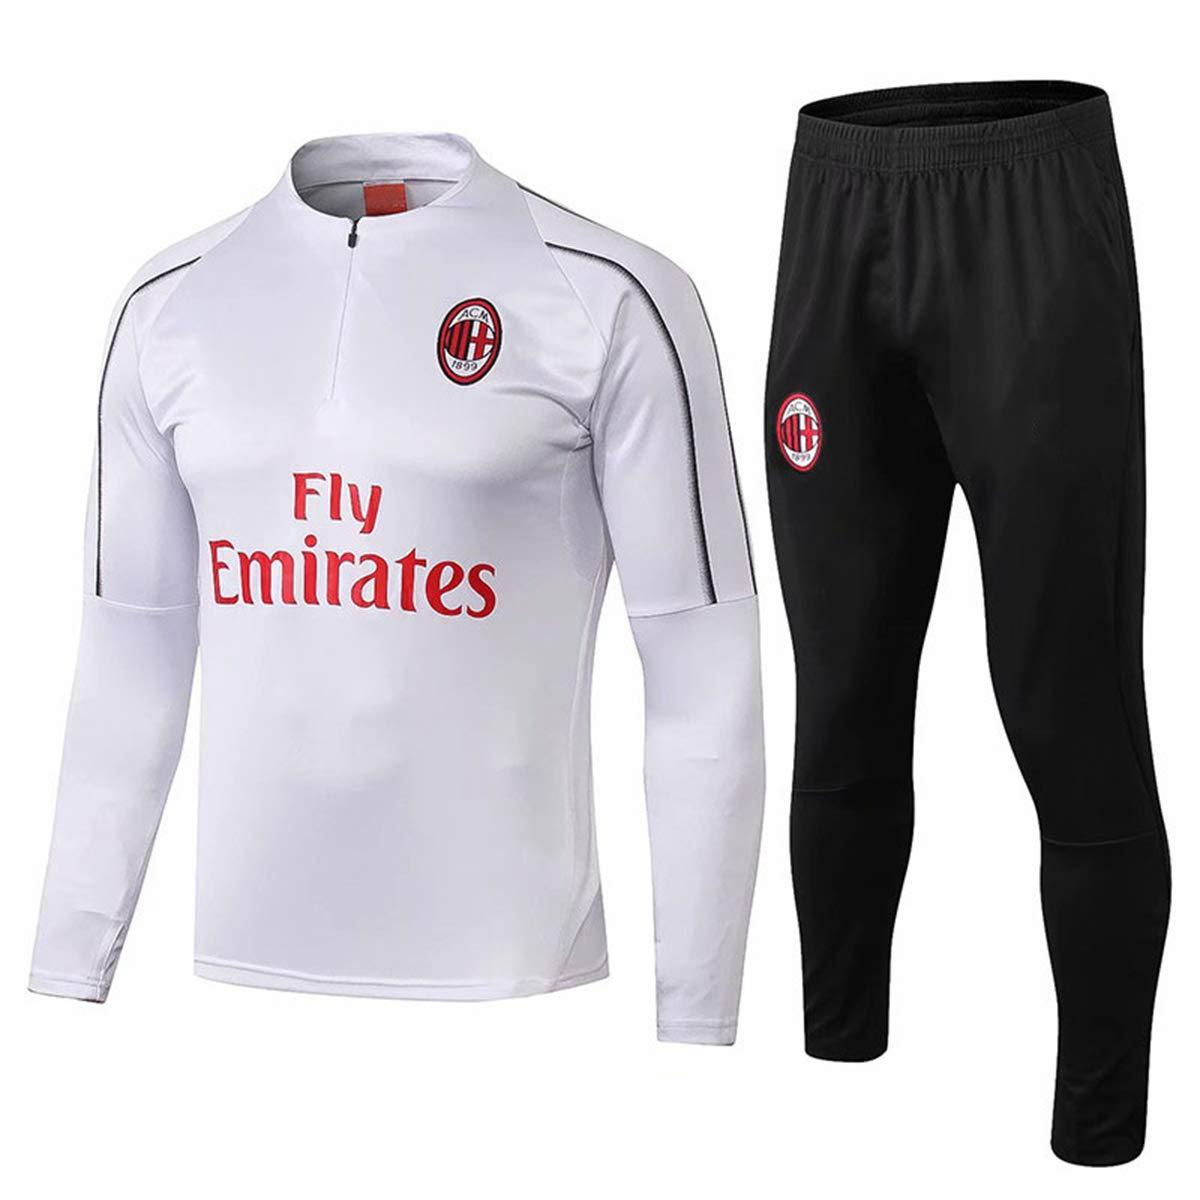 Set Di Felpe Da Uomo Tute A Maniche Lunghe AC Milan Rossoneri Camicie Da Allenamento Per Adulti Con Scollo Tondo Da Calcio